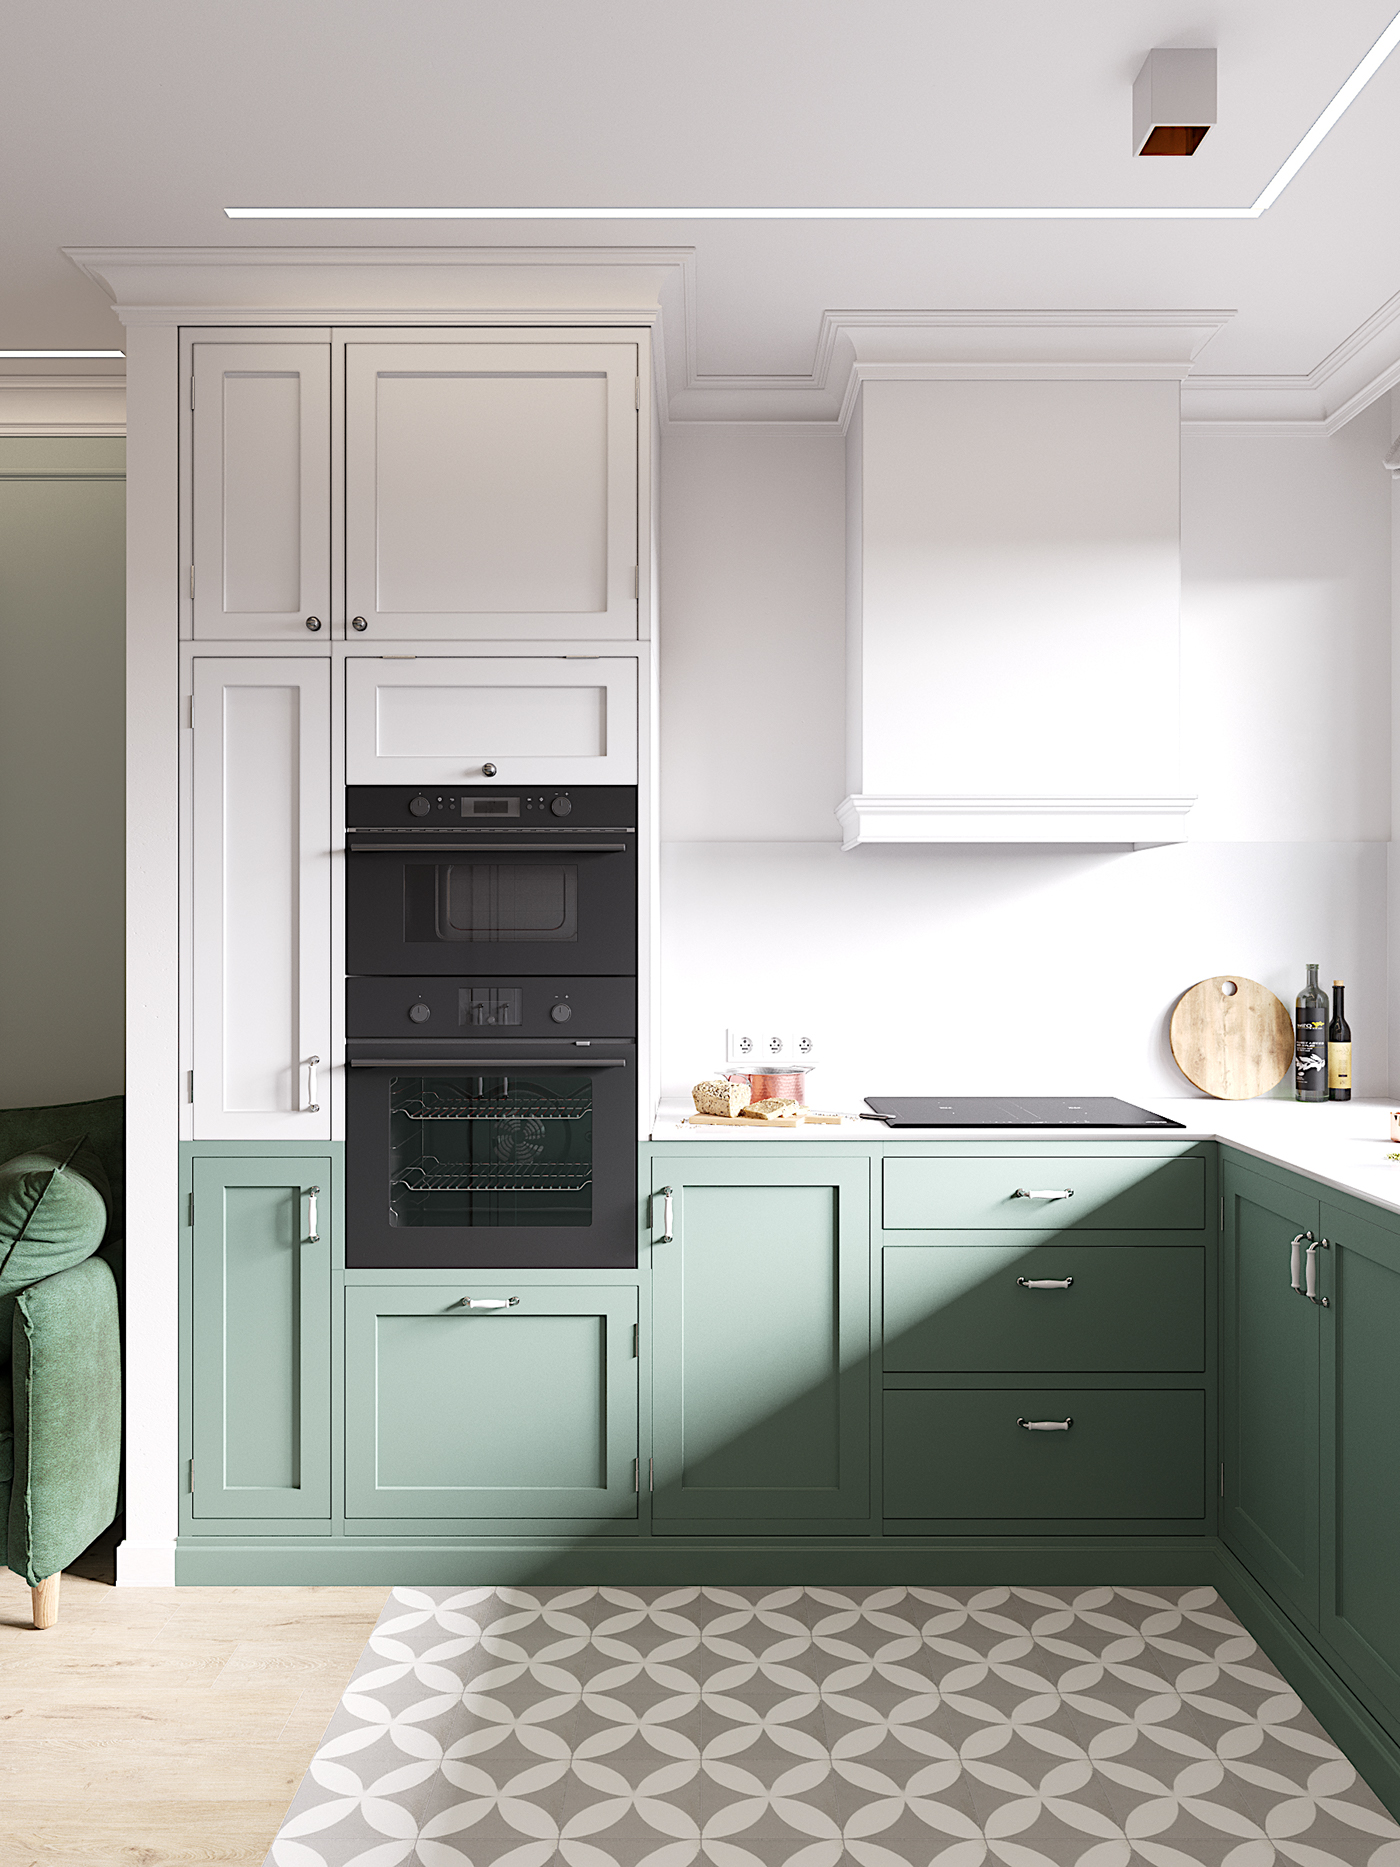 cartelledesign,Interior,design,pink,green,LOFT,Scandinavian,modern